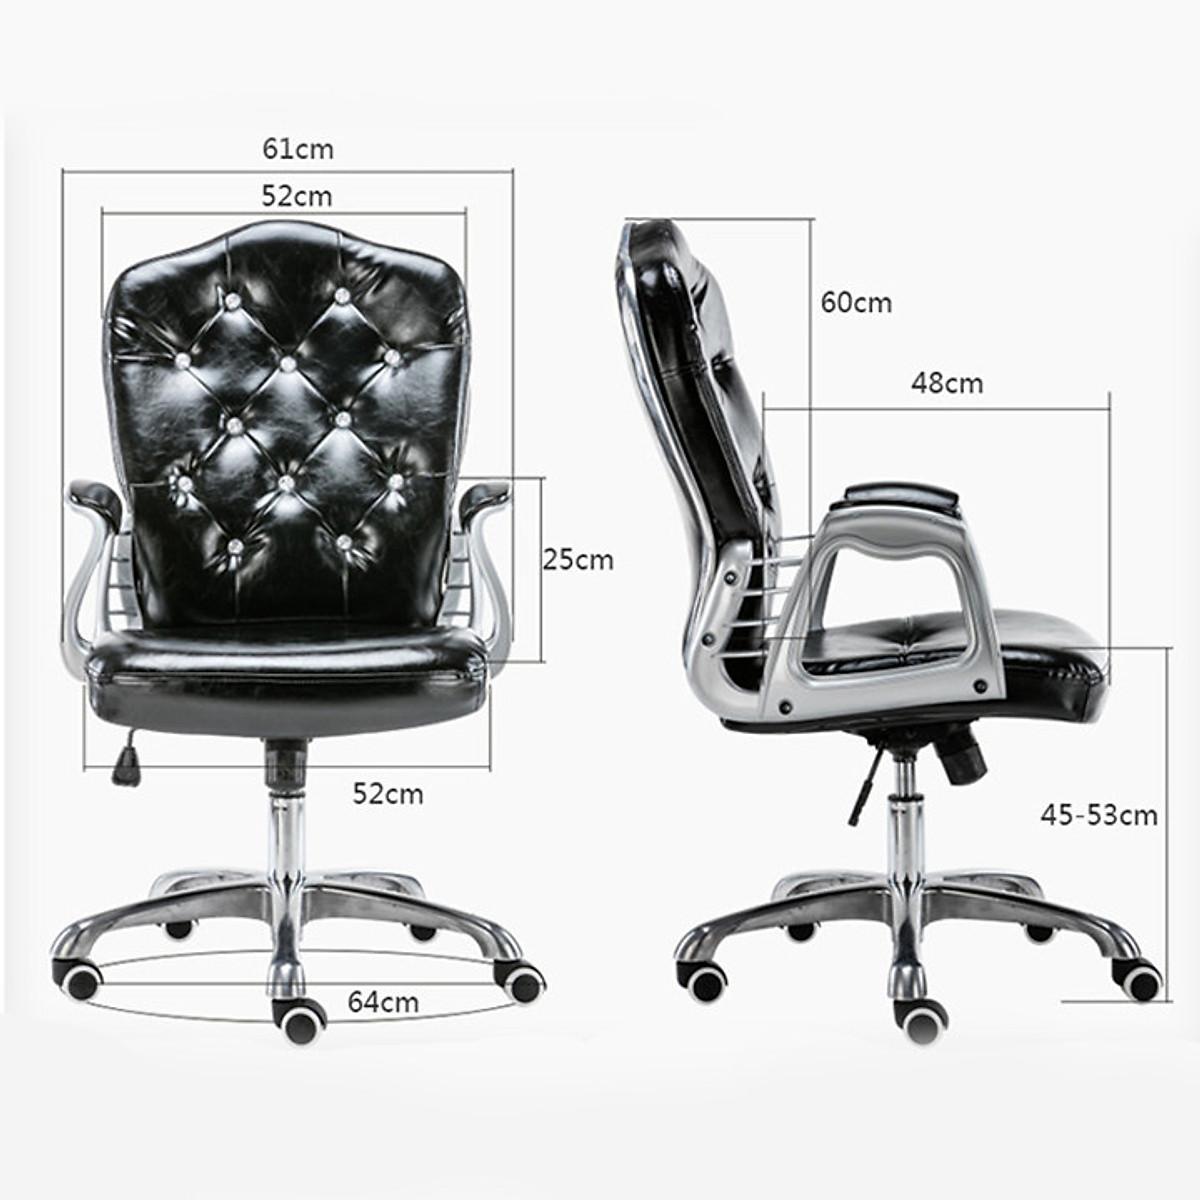 Ghế văn phòng kiểu dáng hiện đại Màu ngẫu nhiên 14